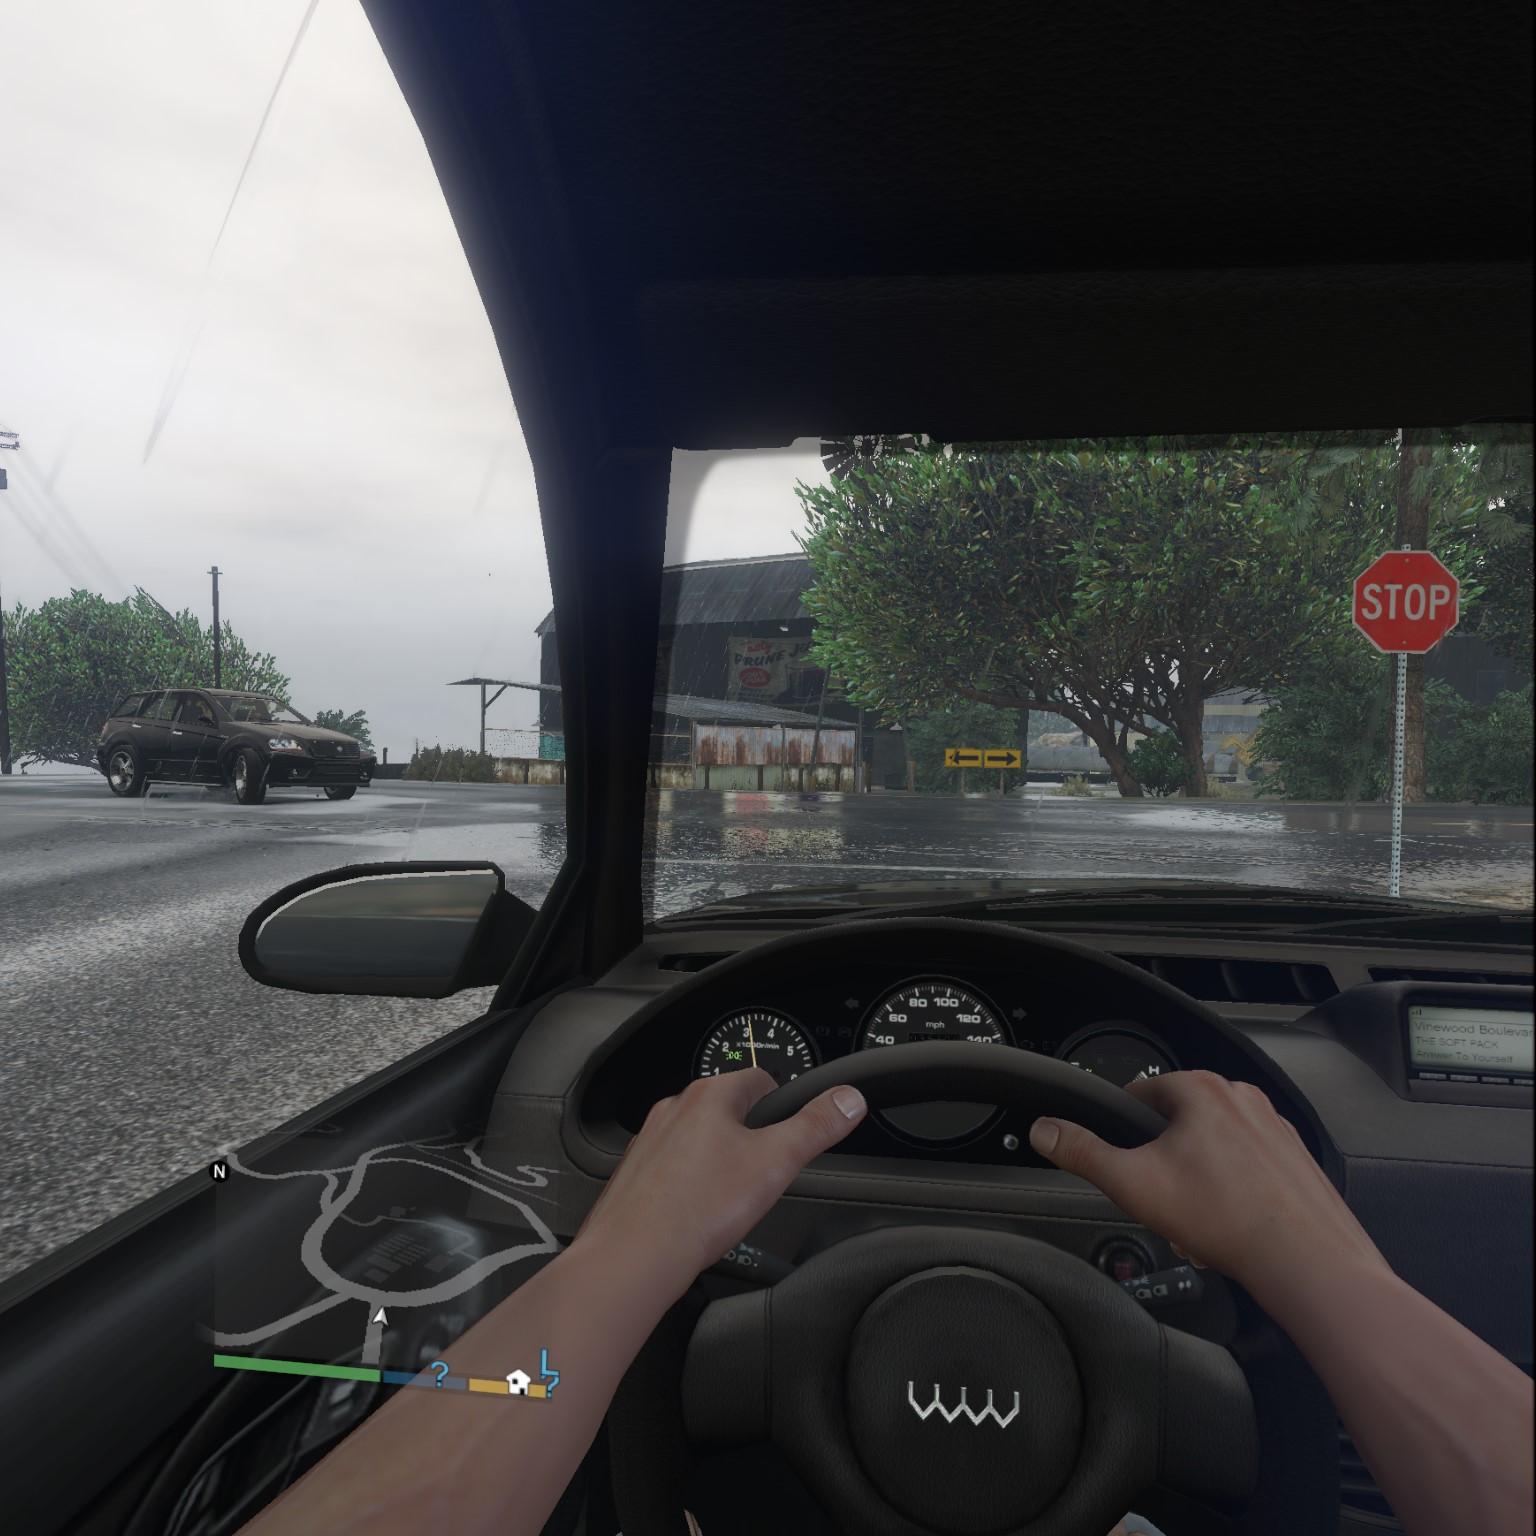 GTA V in VR